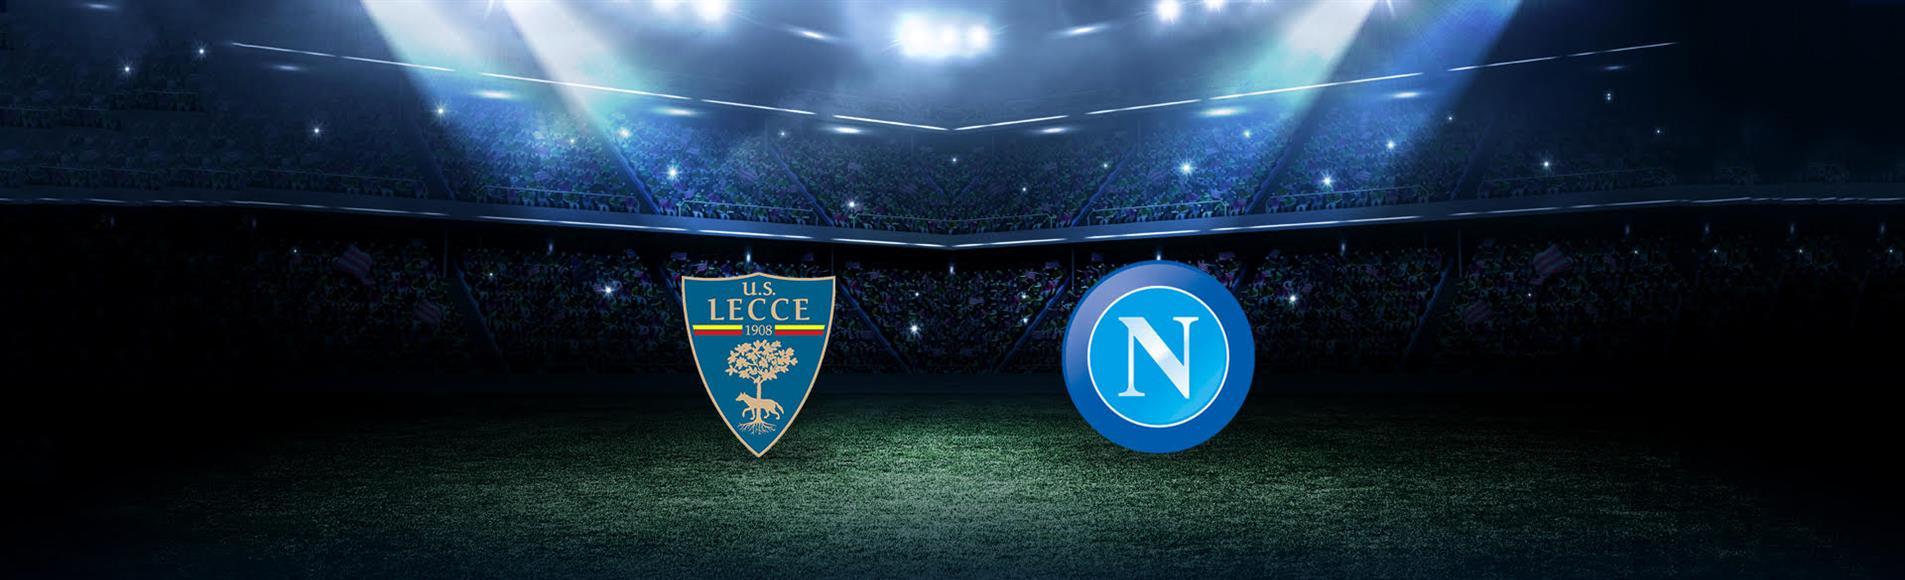 Lecce-Napoli: dove vedere la partita in tv e diretta streaming - NAPOLI CALCIO